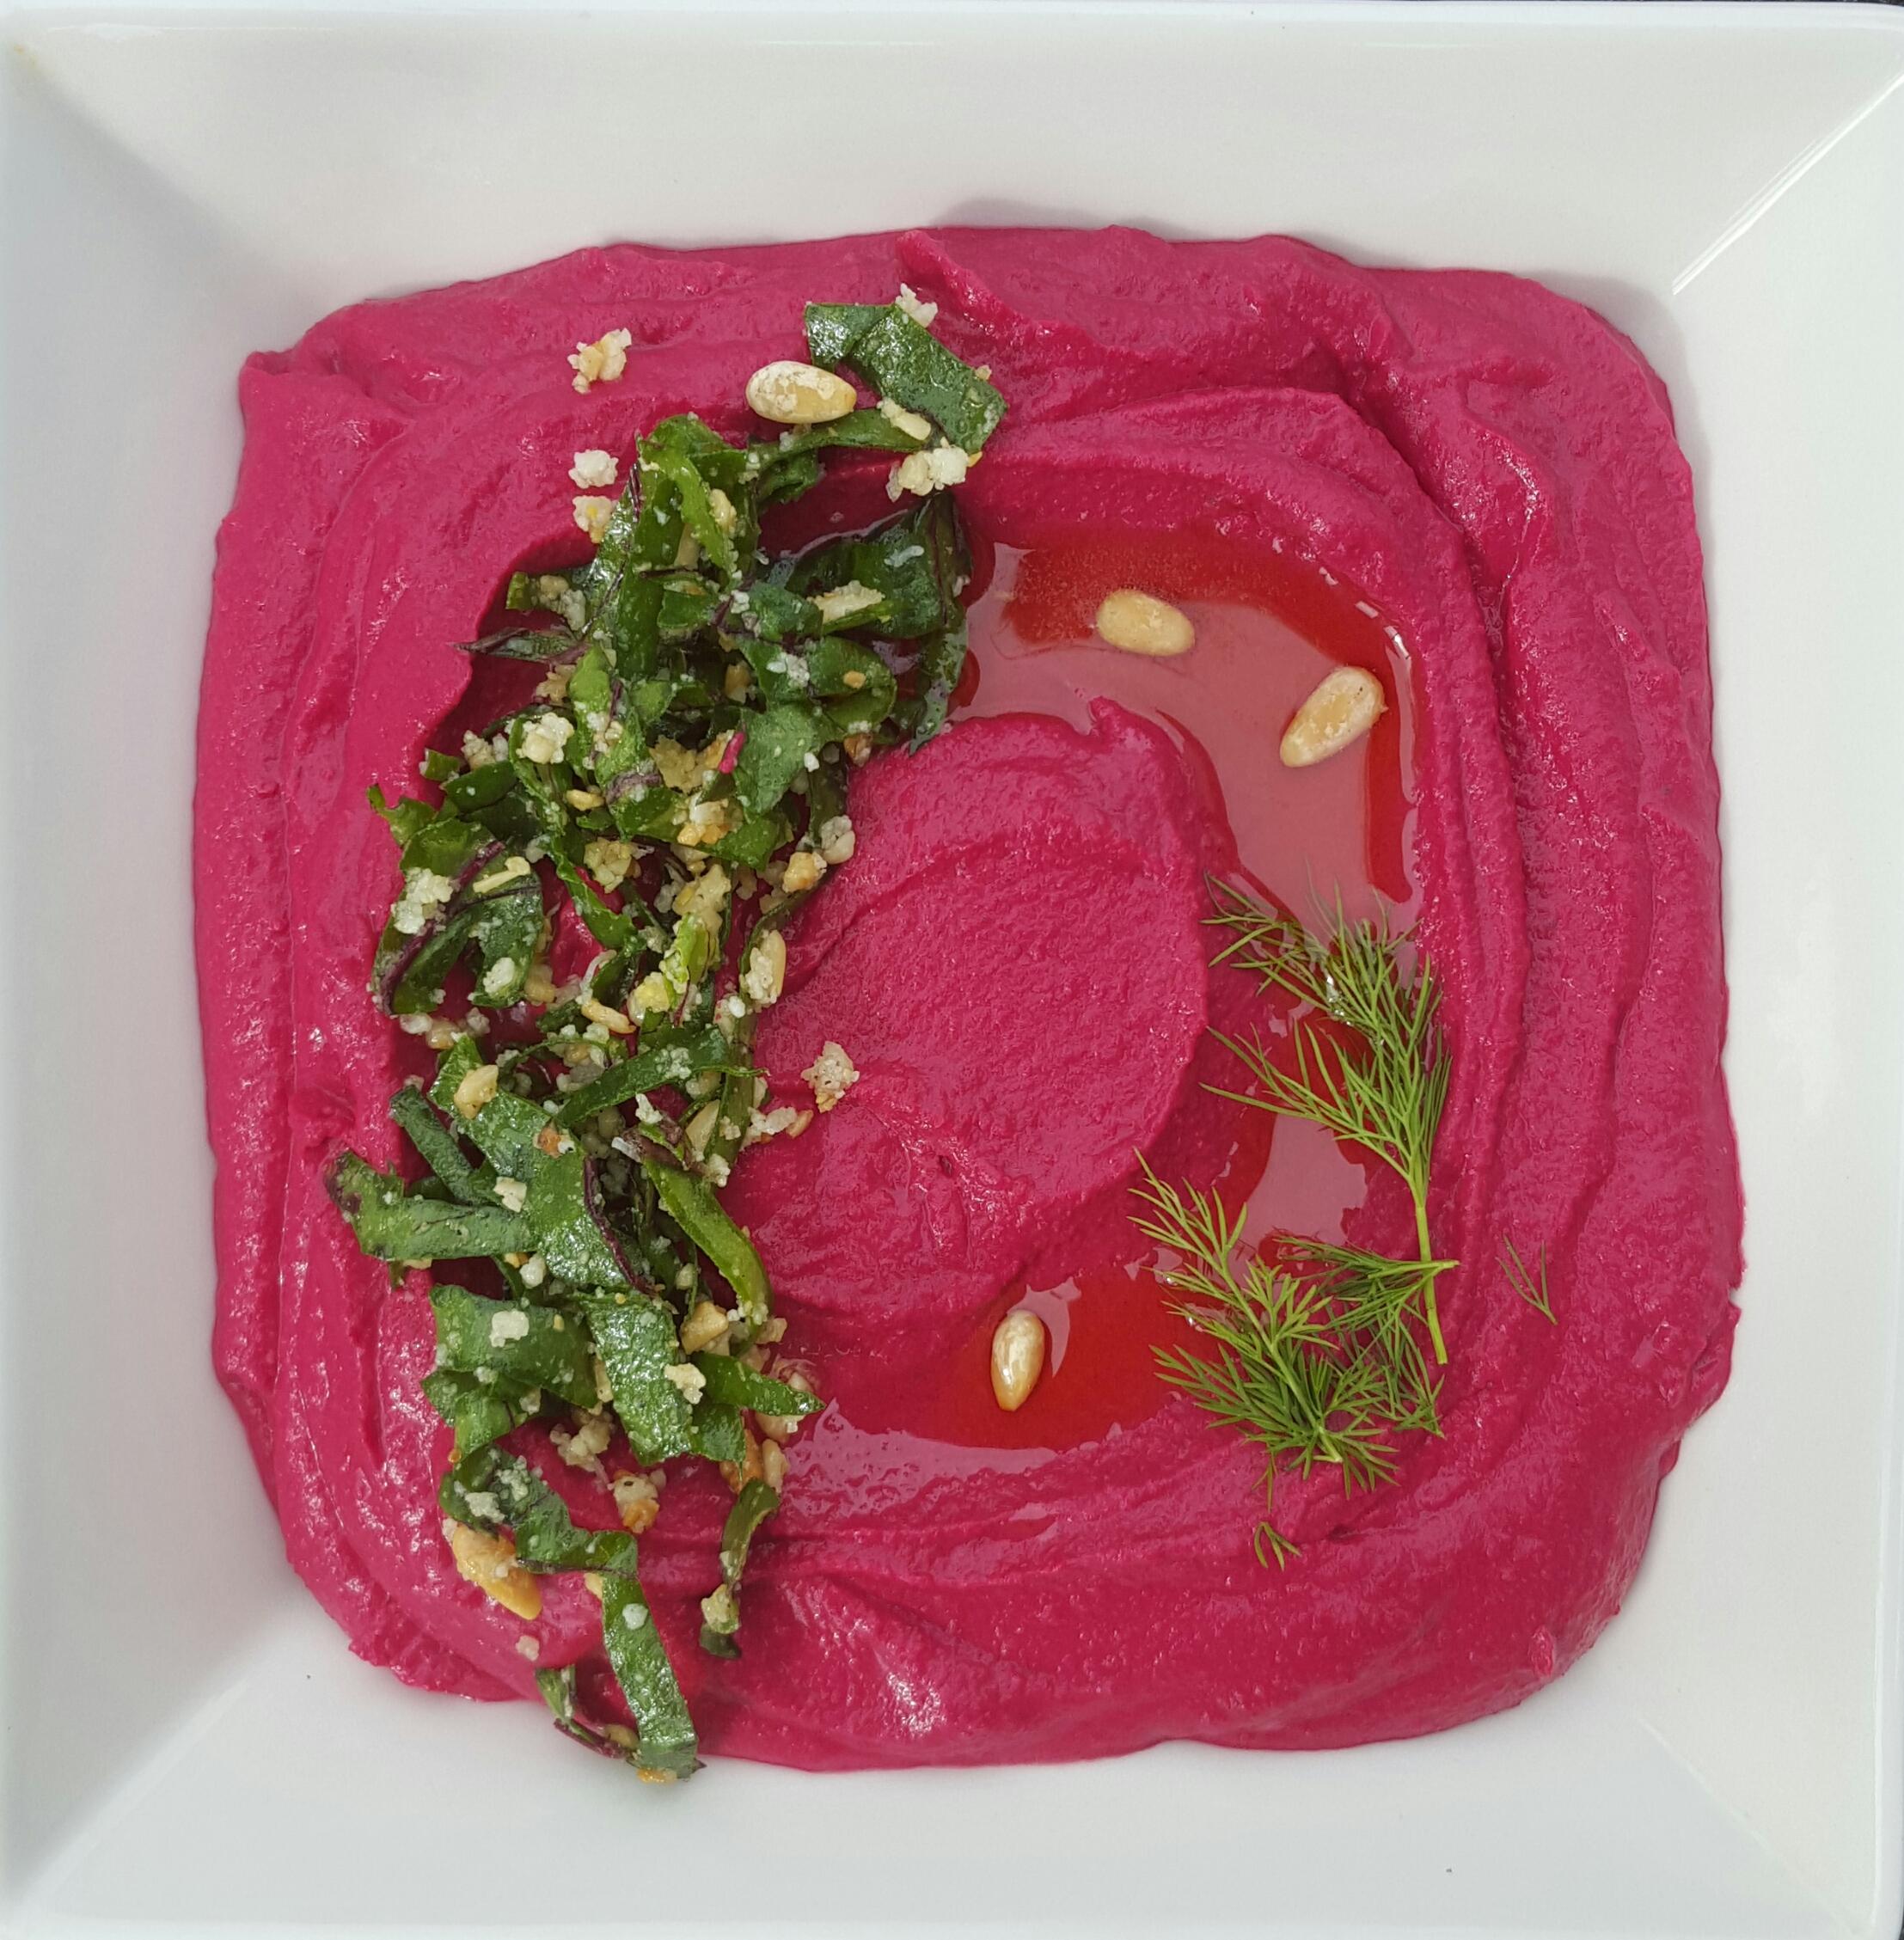 Heart Health Red Foods - Beet Hummus.jpg